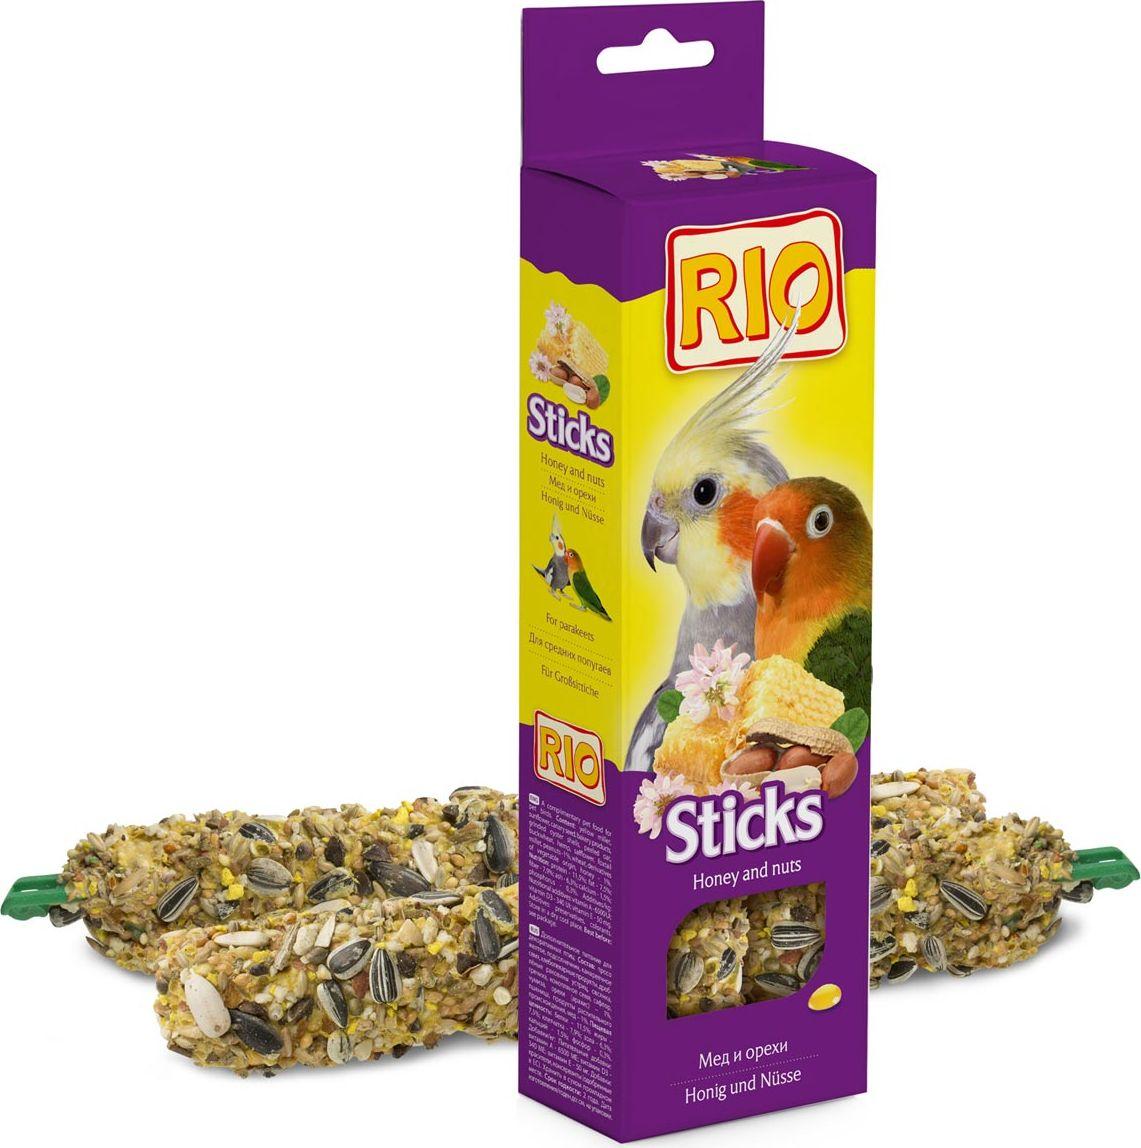 Лакомство для средних попугаев RIO Sticks, с медом и орехами, 2 х 75 г56838Лакомство RIO Sticks с медом и орехами - это дополнительное питание для средних попугаев. В процессе производства палочки запекают в специальных печах особым способом, это обеспечивает превосходный вкус и хрустящую консистенцию.Лакомство имеет буковый стержень, который отлично подходит для чистки клюва.В комплект входит съемный держатель.Товар сертифицирован.